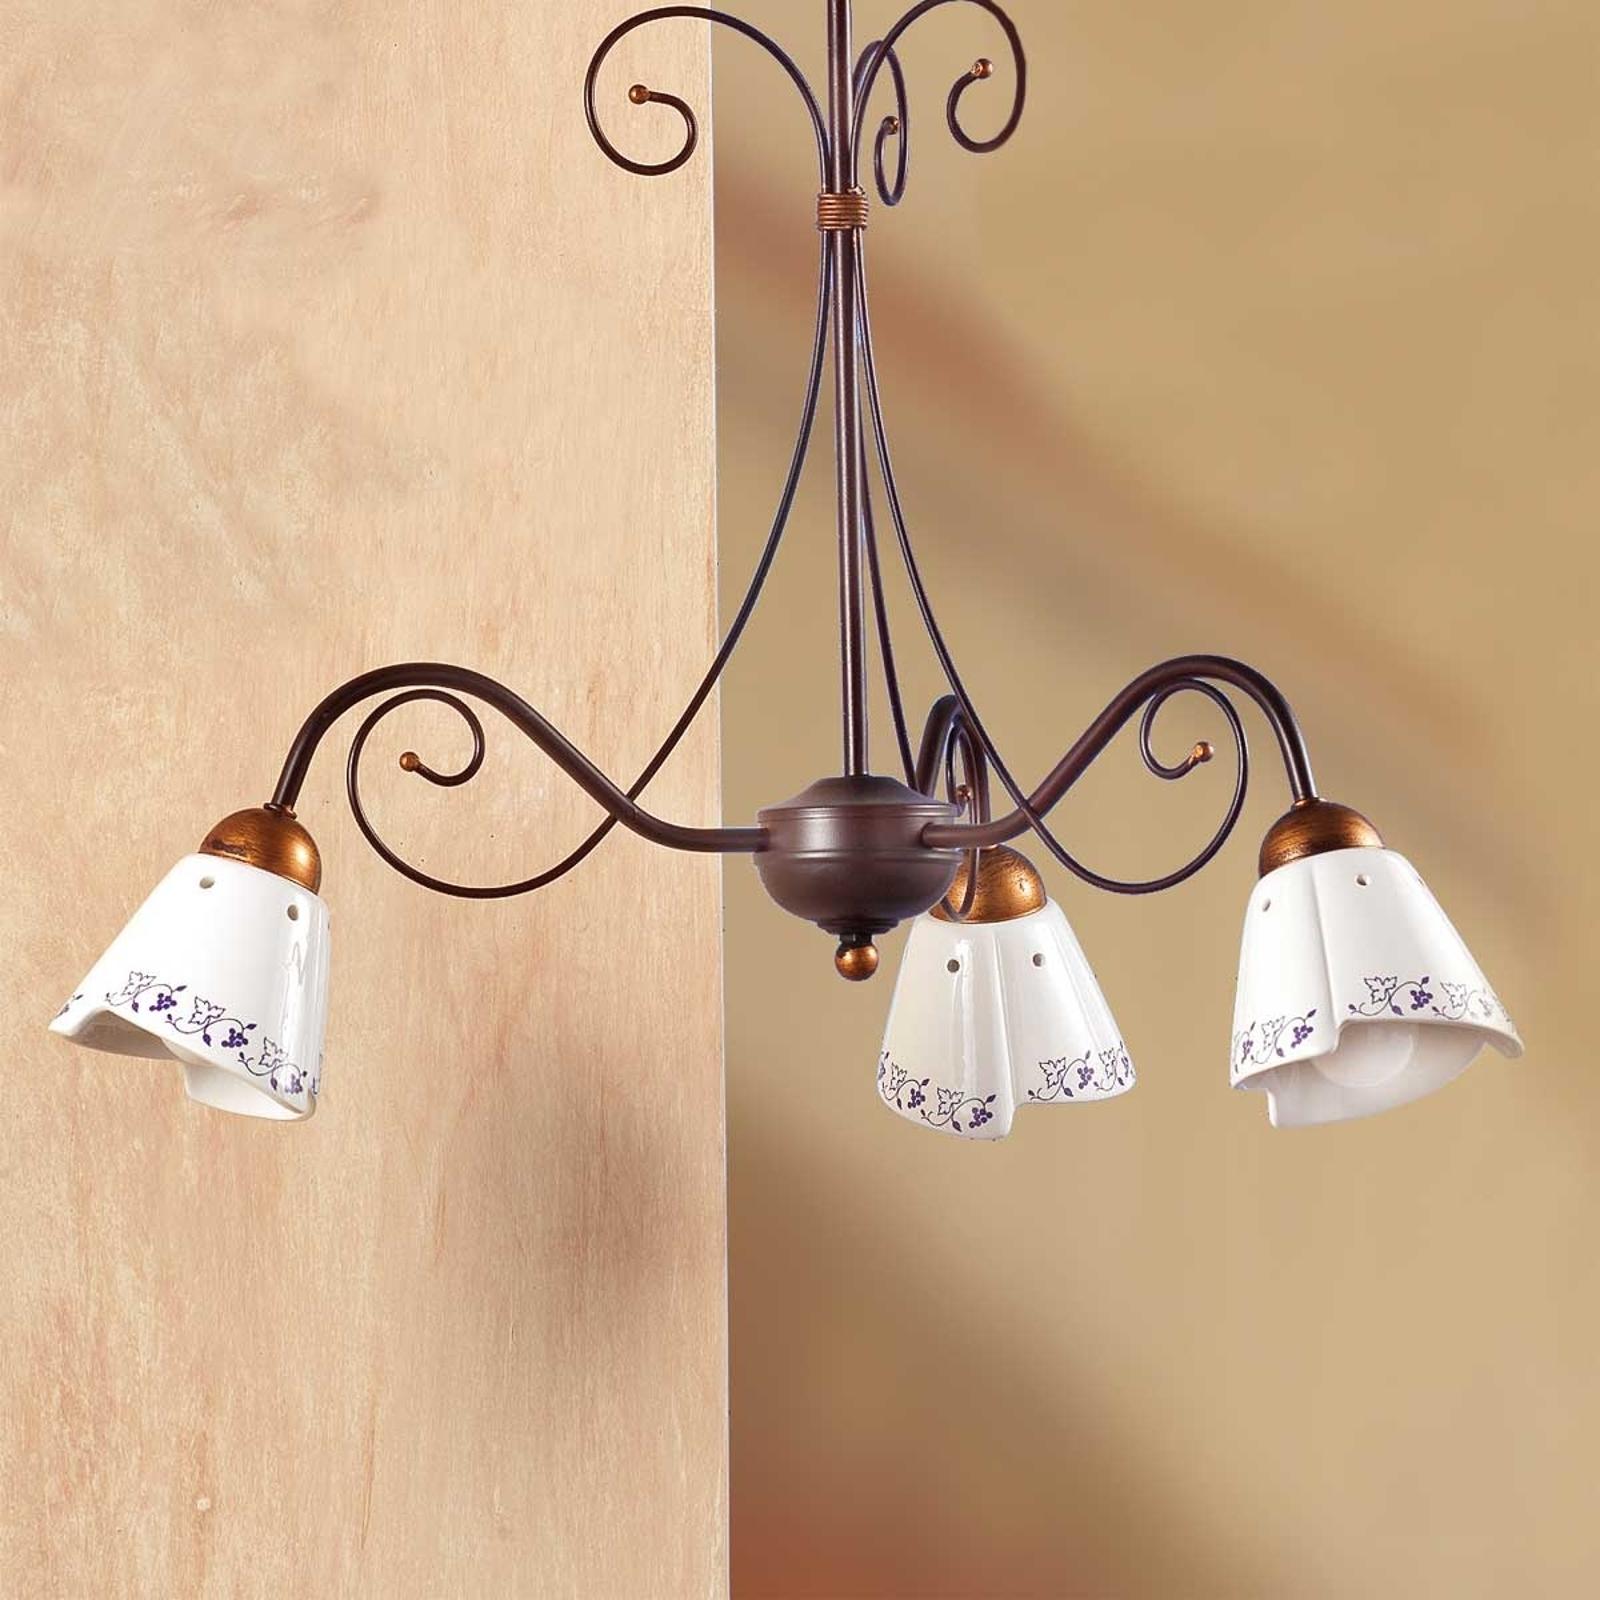 Klassisk hængelampe CARTOCCIO, med 3 lyskilder